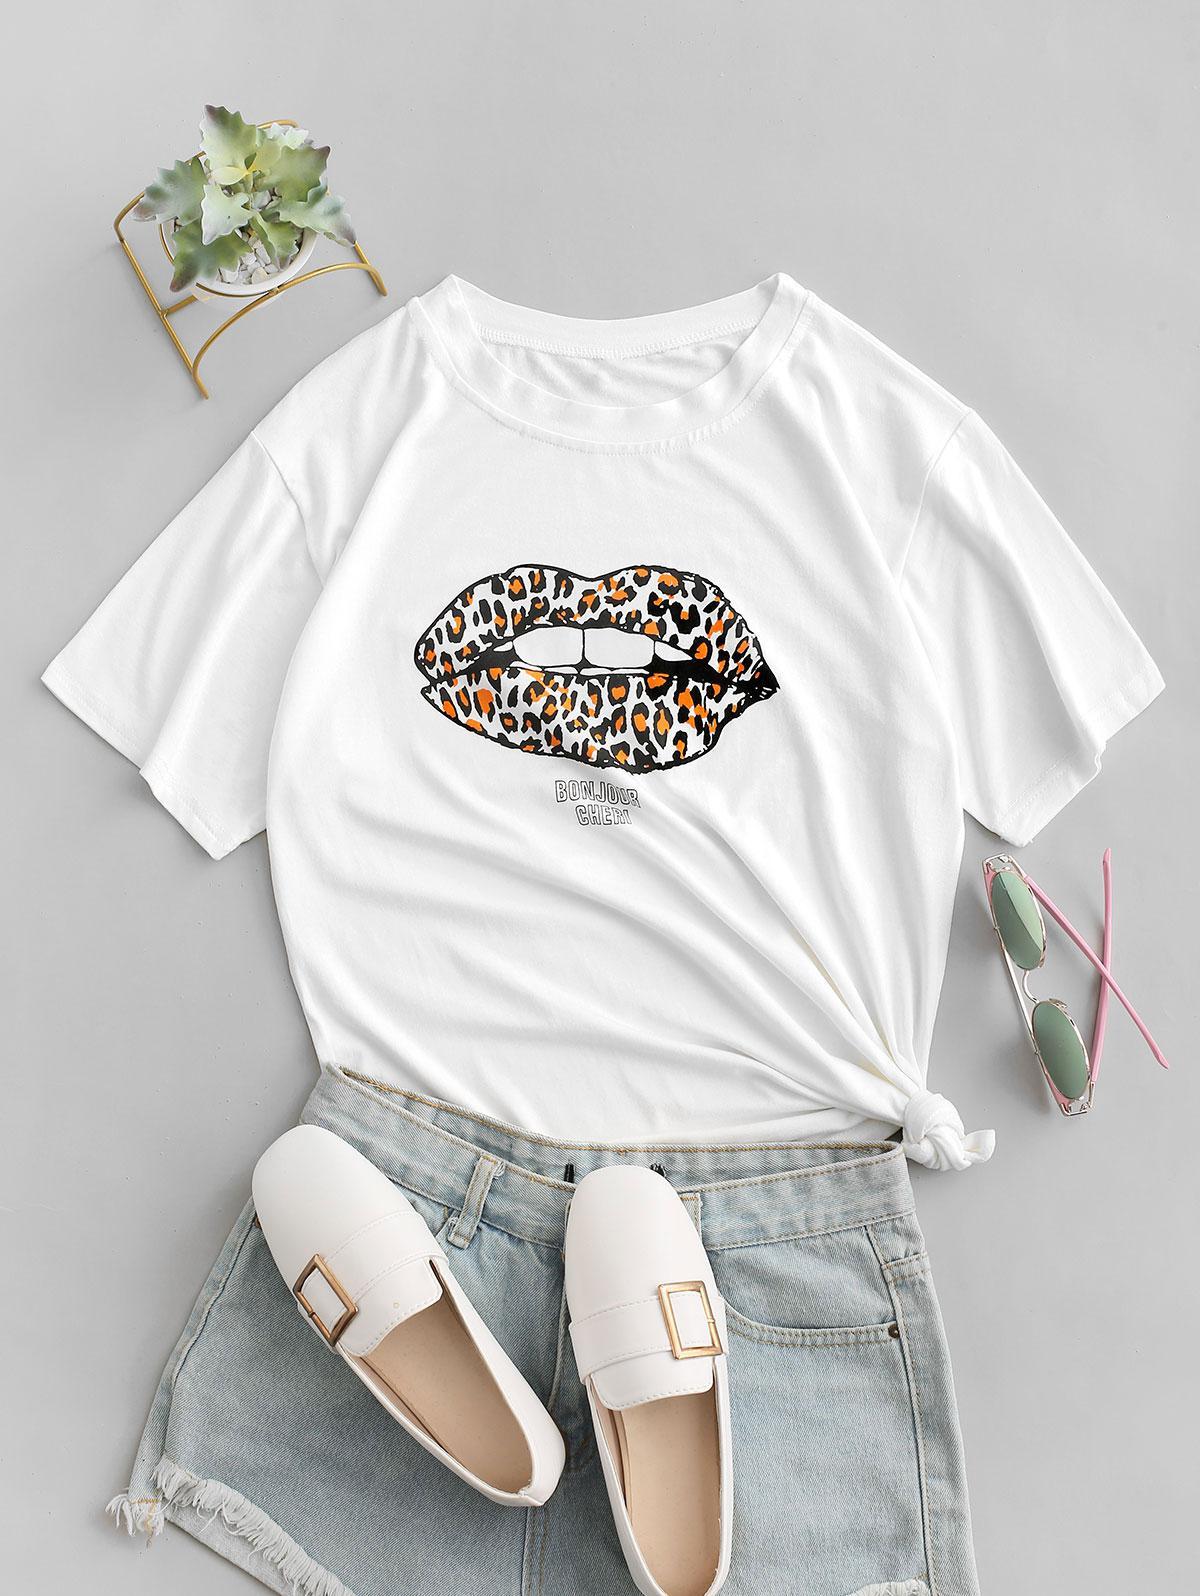 Leopard Lips BONJOUR CHERI Graphic T-shirt